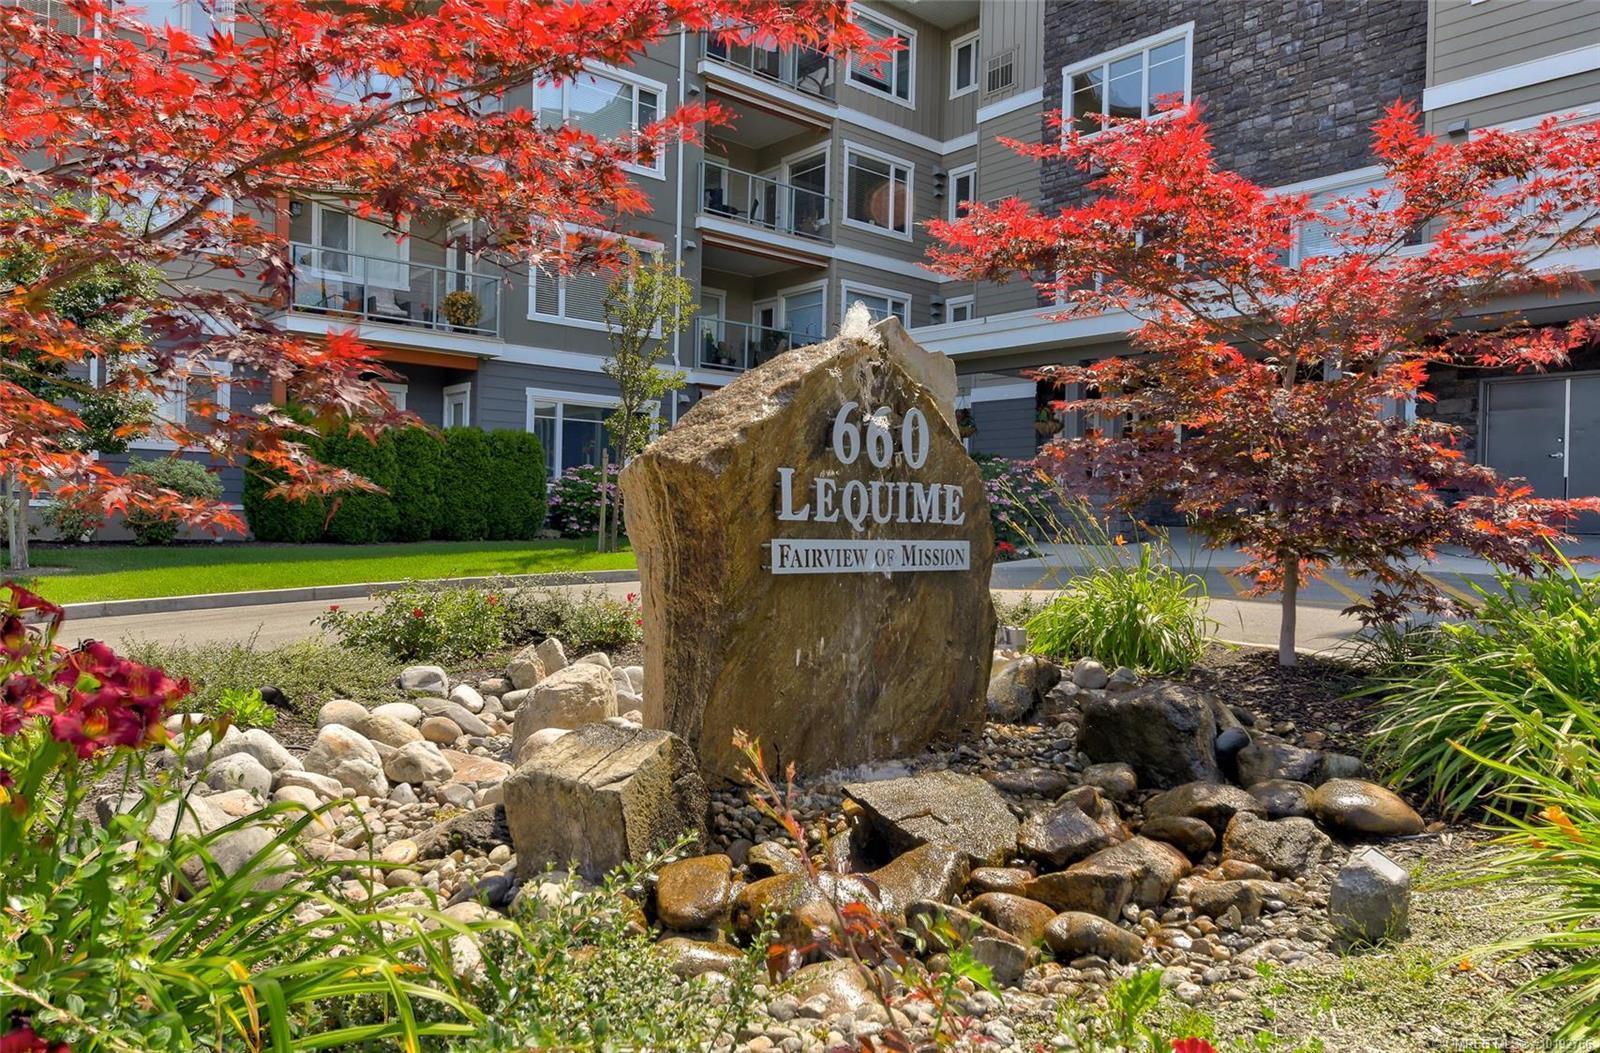 #106 660 Lequime Road,